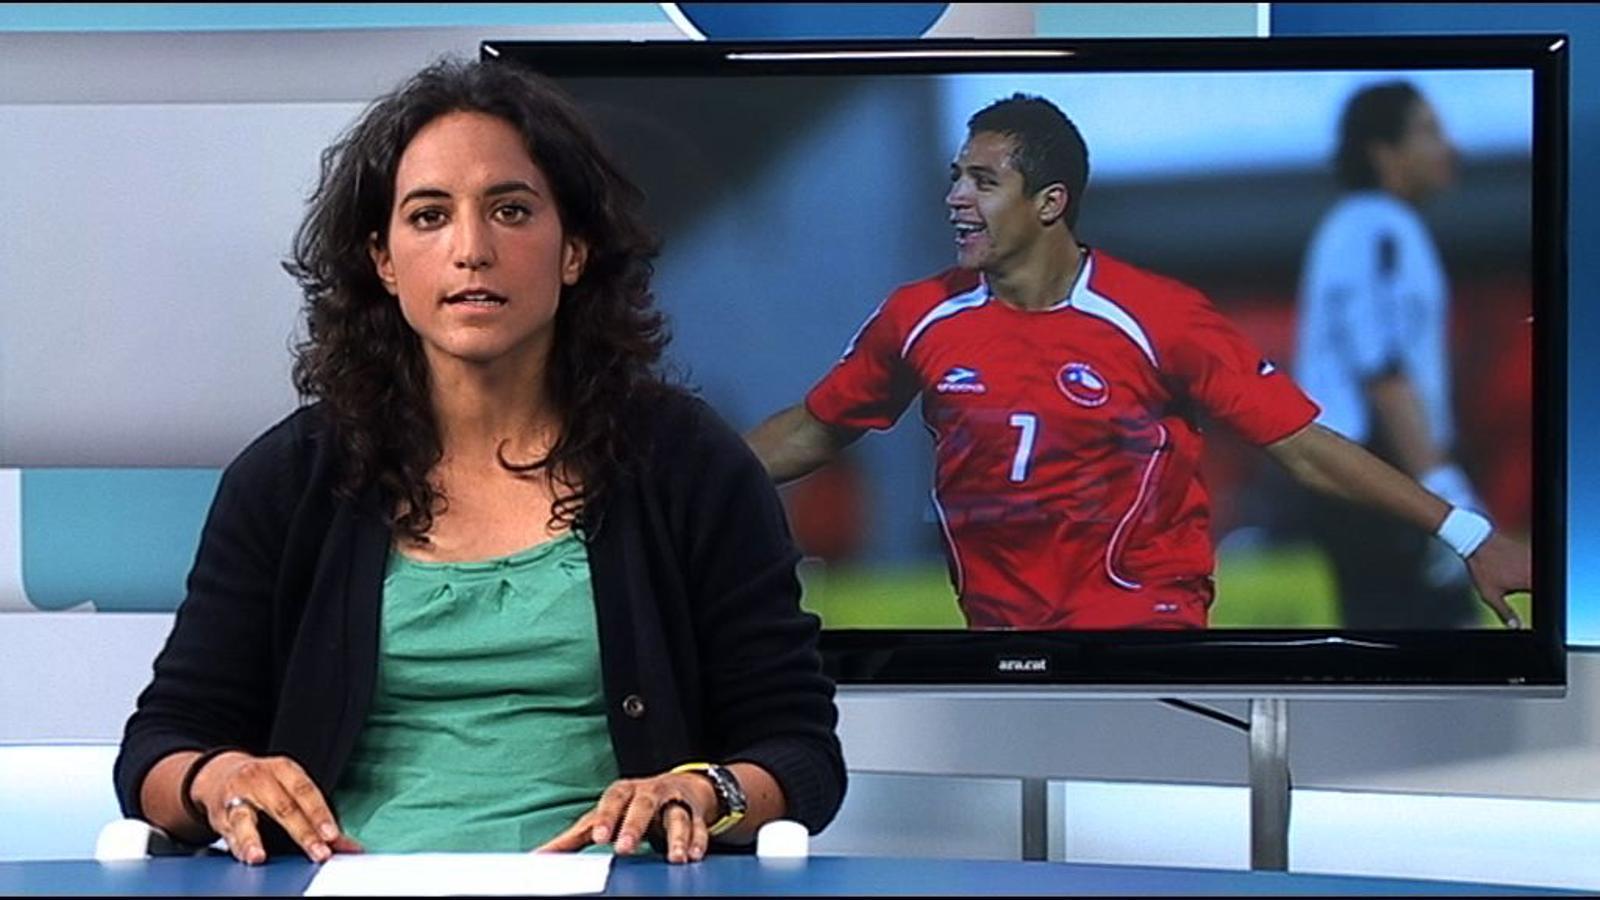 Alexis Sánchez, un jugador explosiu i disciplinat